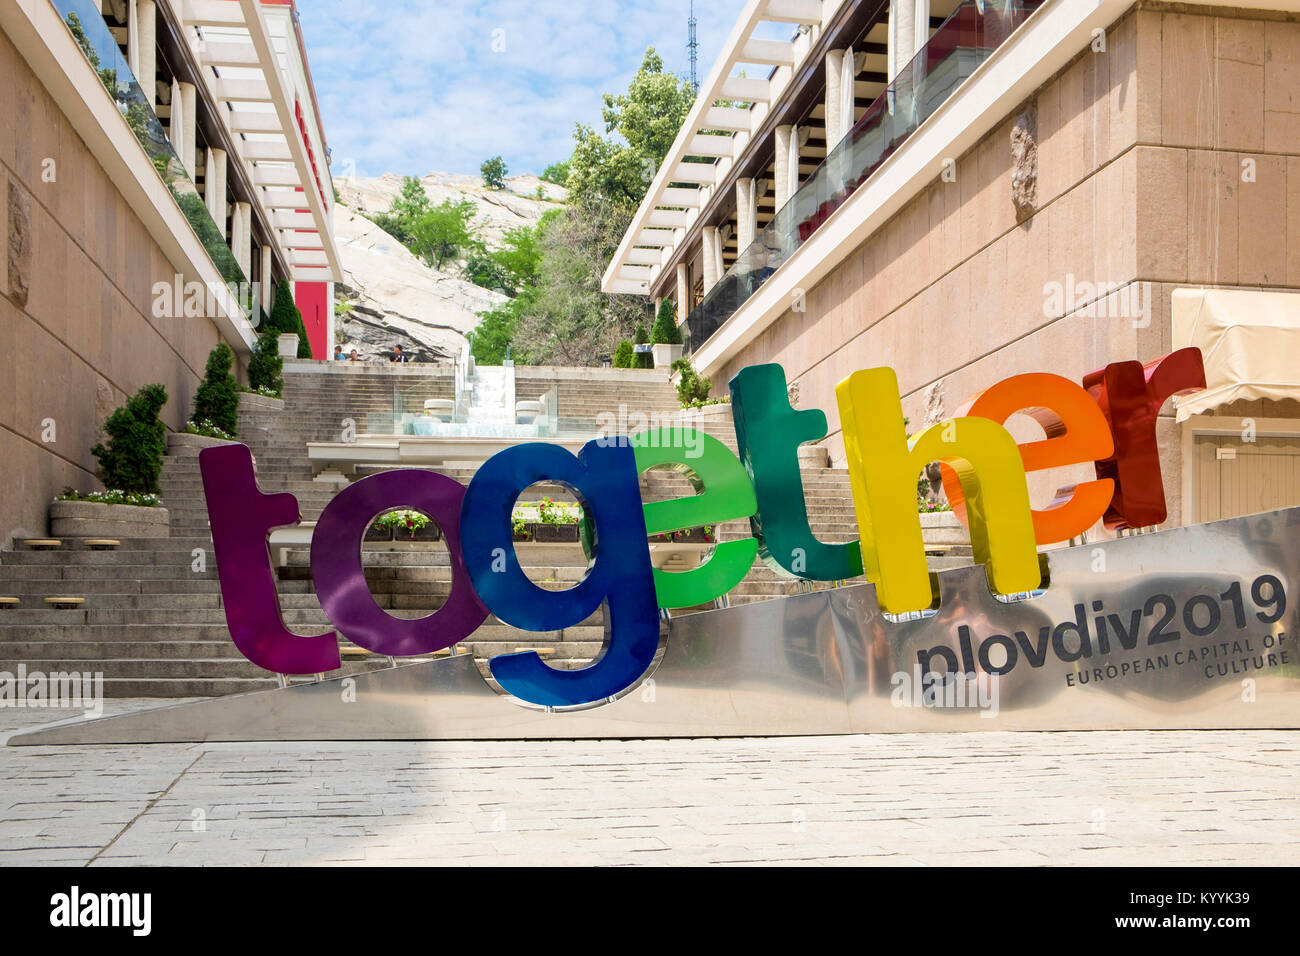 Capitale européenne de la Culture 2019, signe dans la ville de Plovdiv, Plovdiv, Bulgarie, Europe Banque D'Images